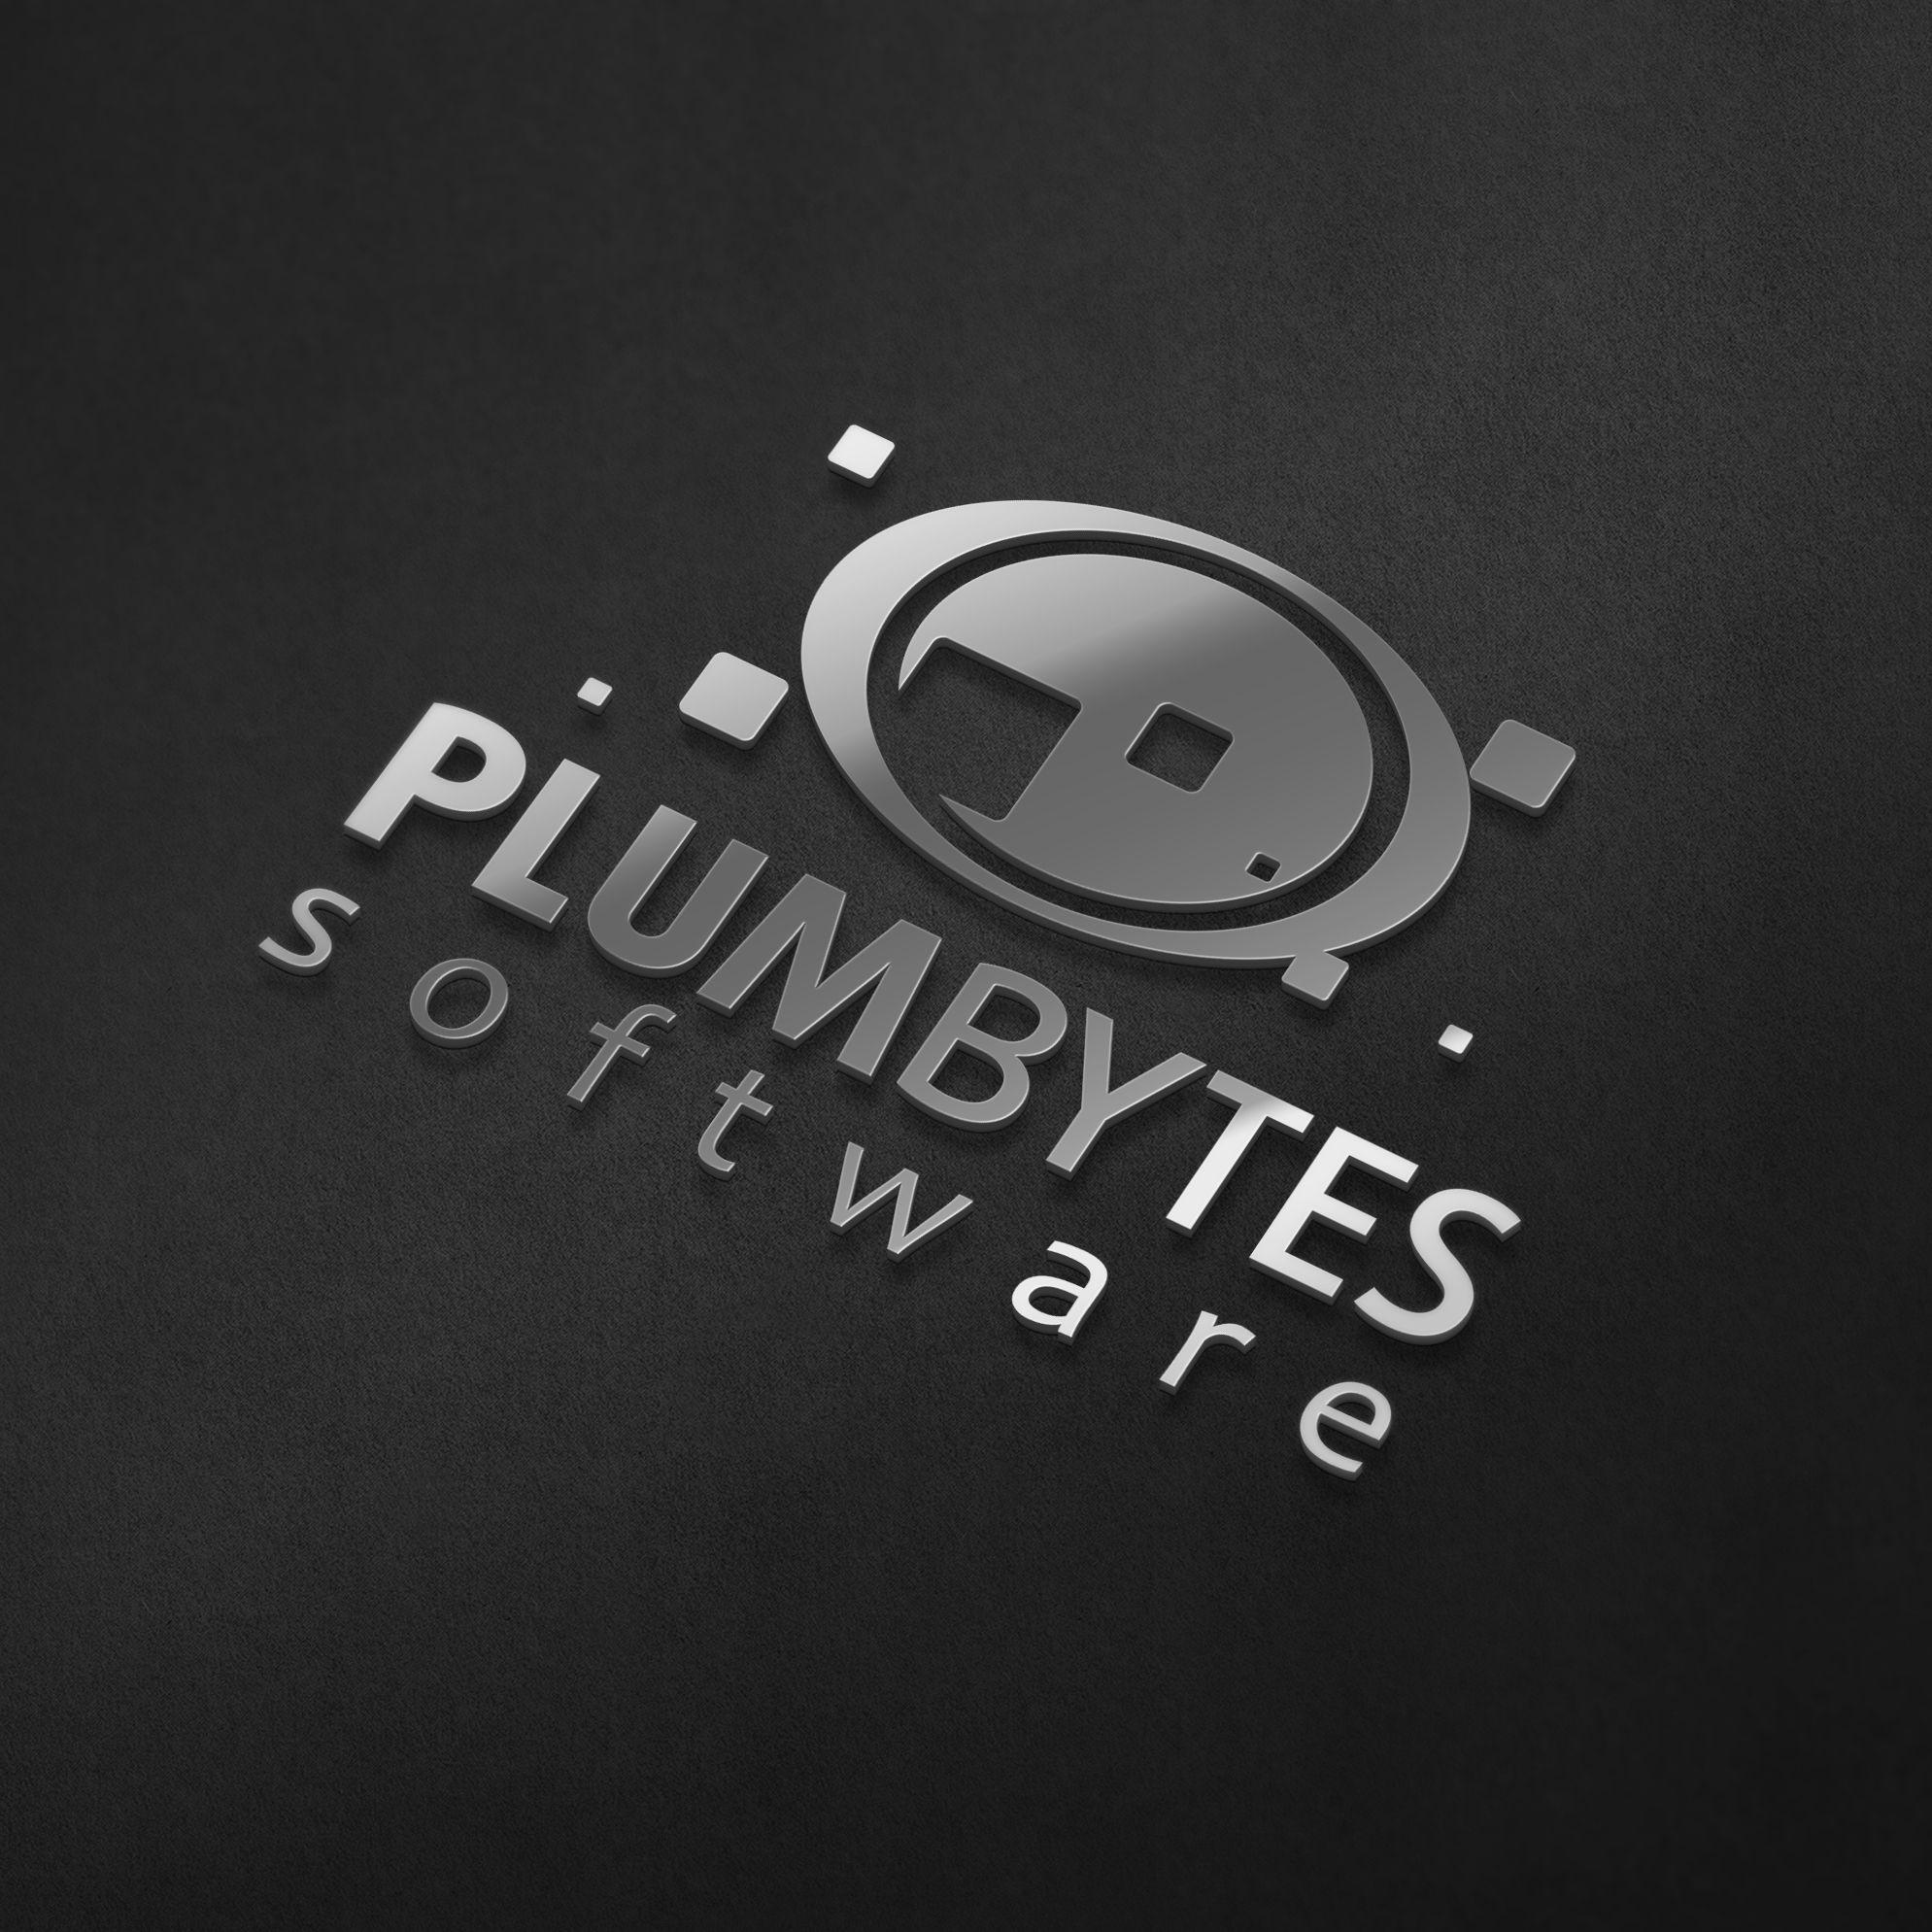 Логотип для компании-разработчика ПО - дизайнер mz777